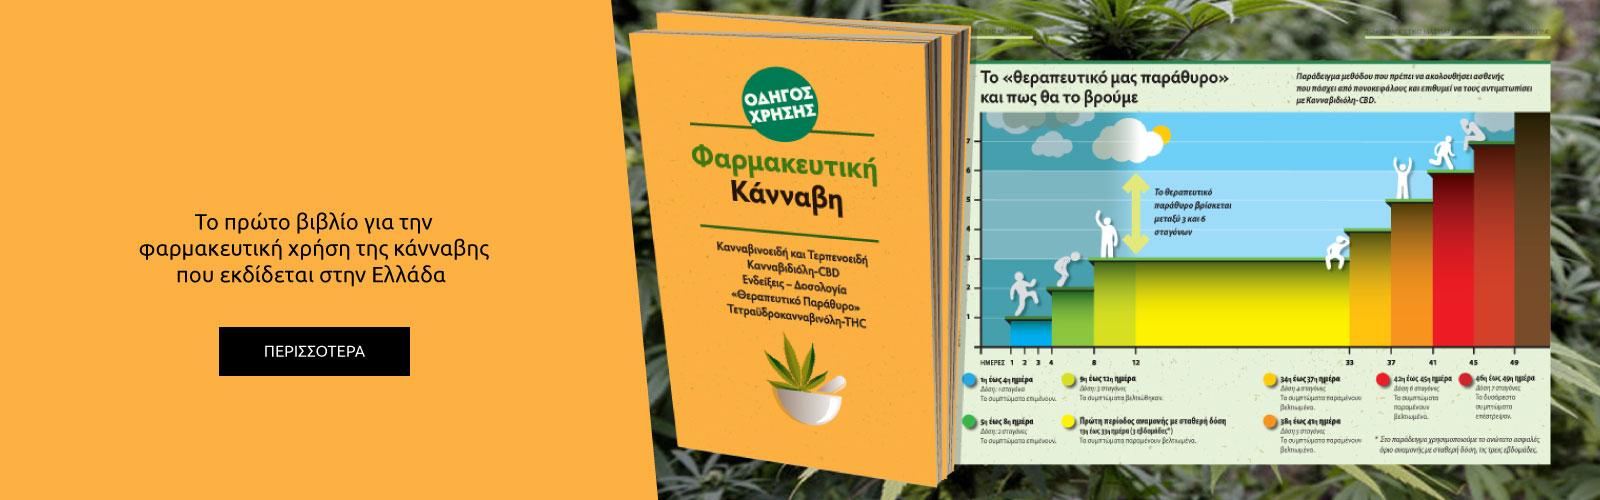 Βιβλίο-Οδηγός-Χρήσης-Φαρμακευτικής-Κάνναβης